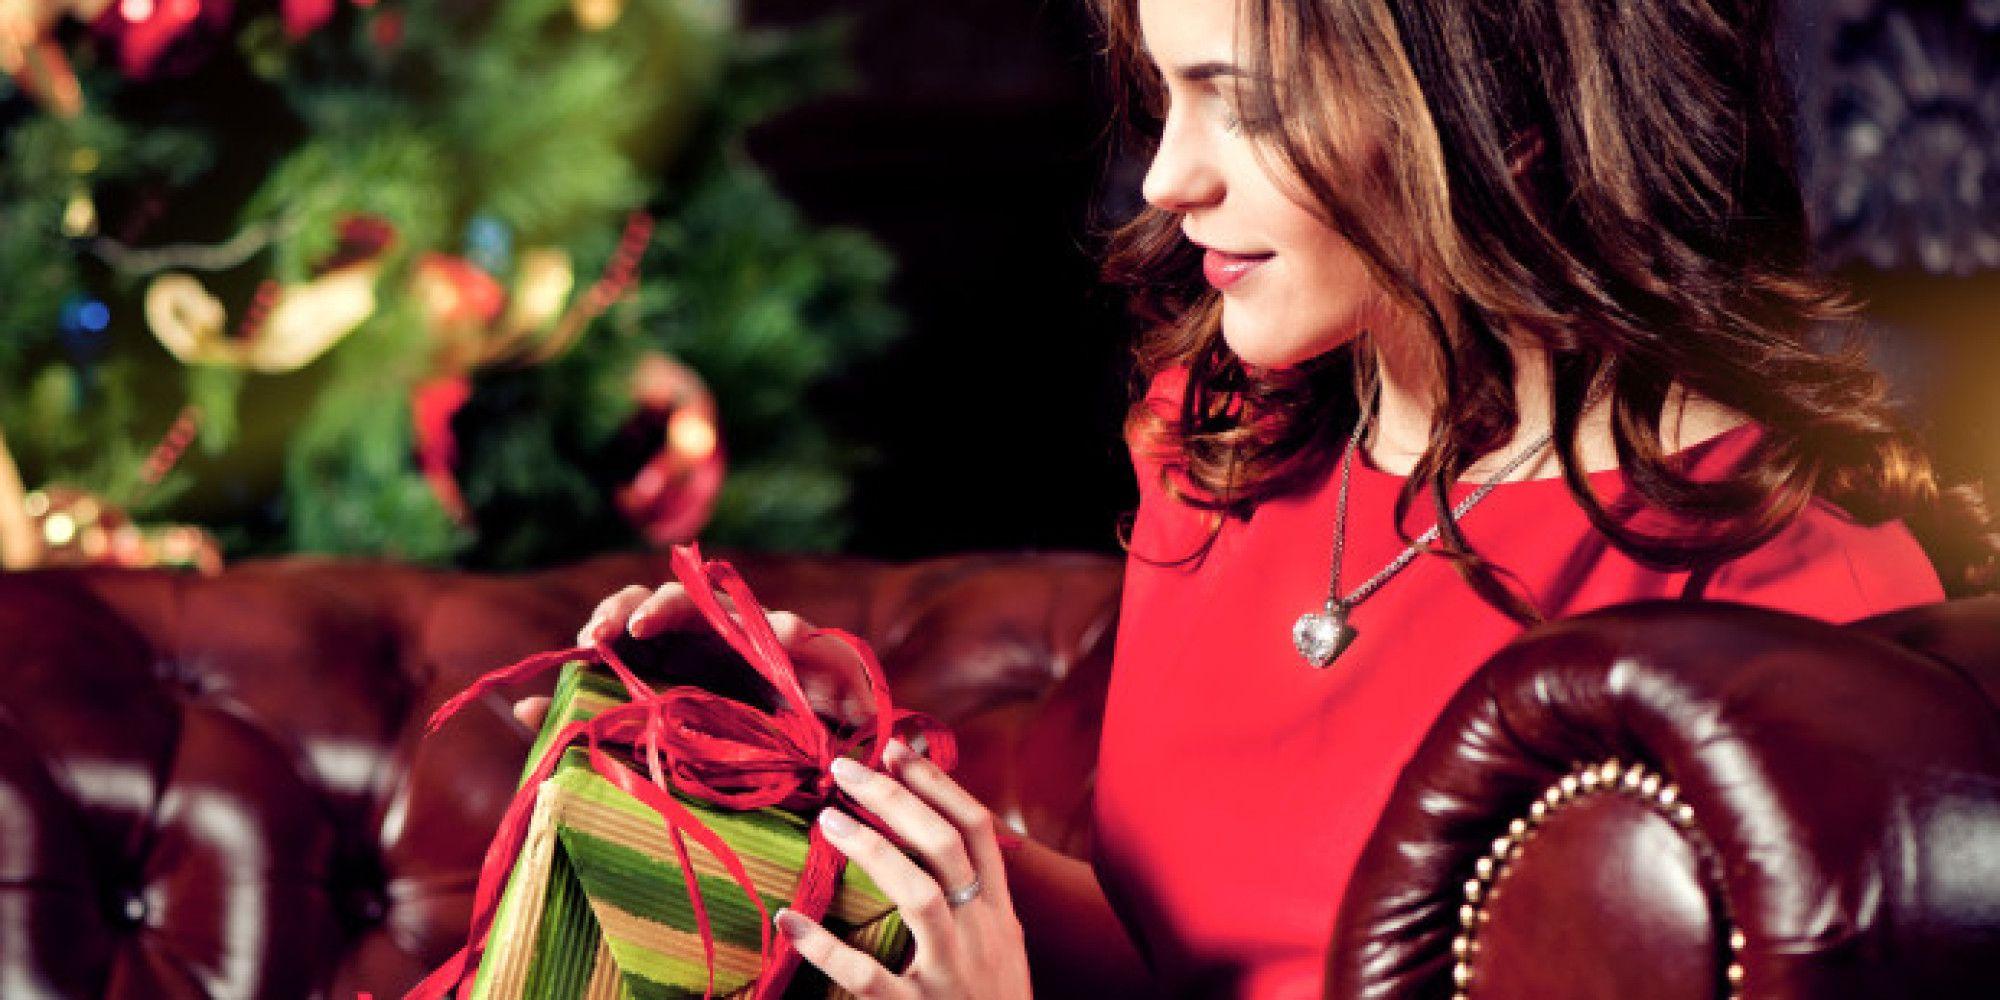 Как да изберем подходящ подарък за жена? - http://novinite.eu/kak-da-izberem-podhodyasht-podarak-za-zhena/